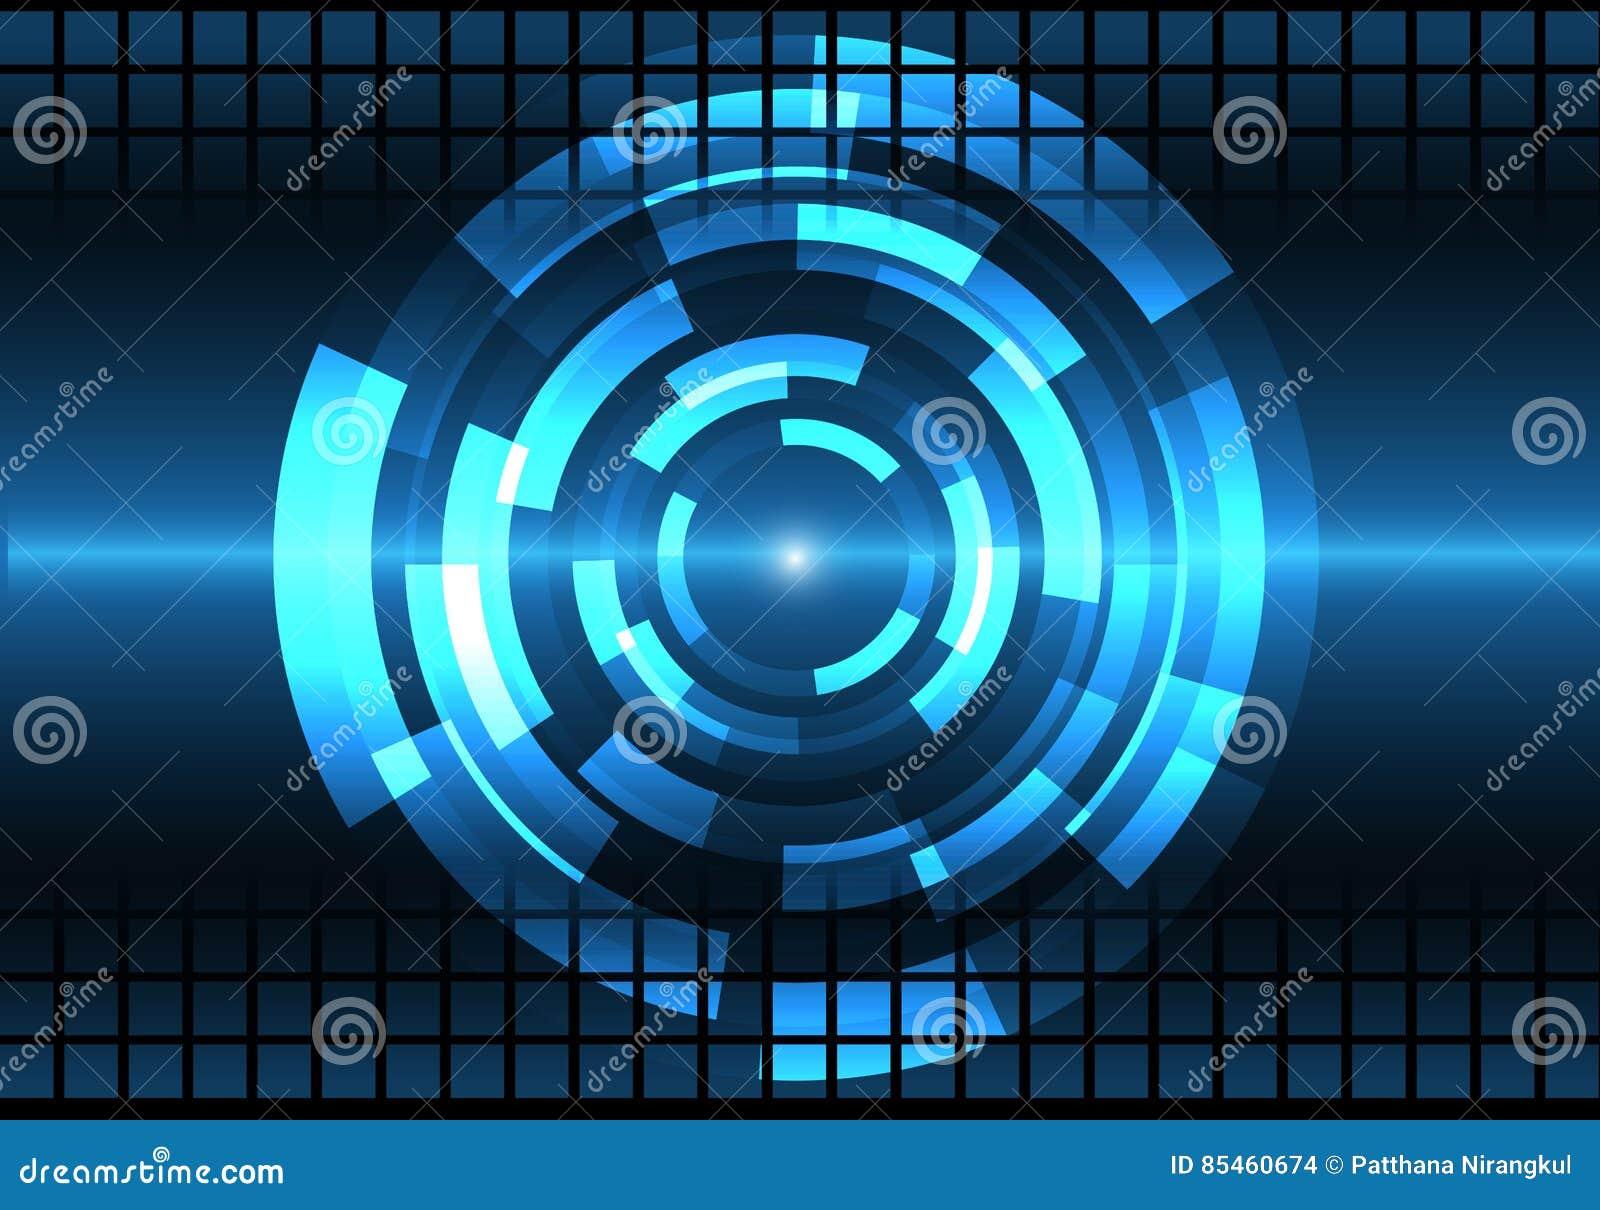 Fondo Azul Metálico Abstracto De Diseño Moderno De La: Vector Azul Abstracto Del Fondo De La Tecnología De Diseño